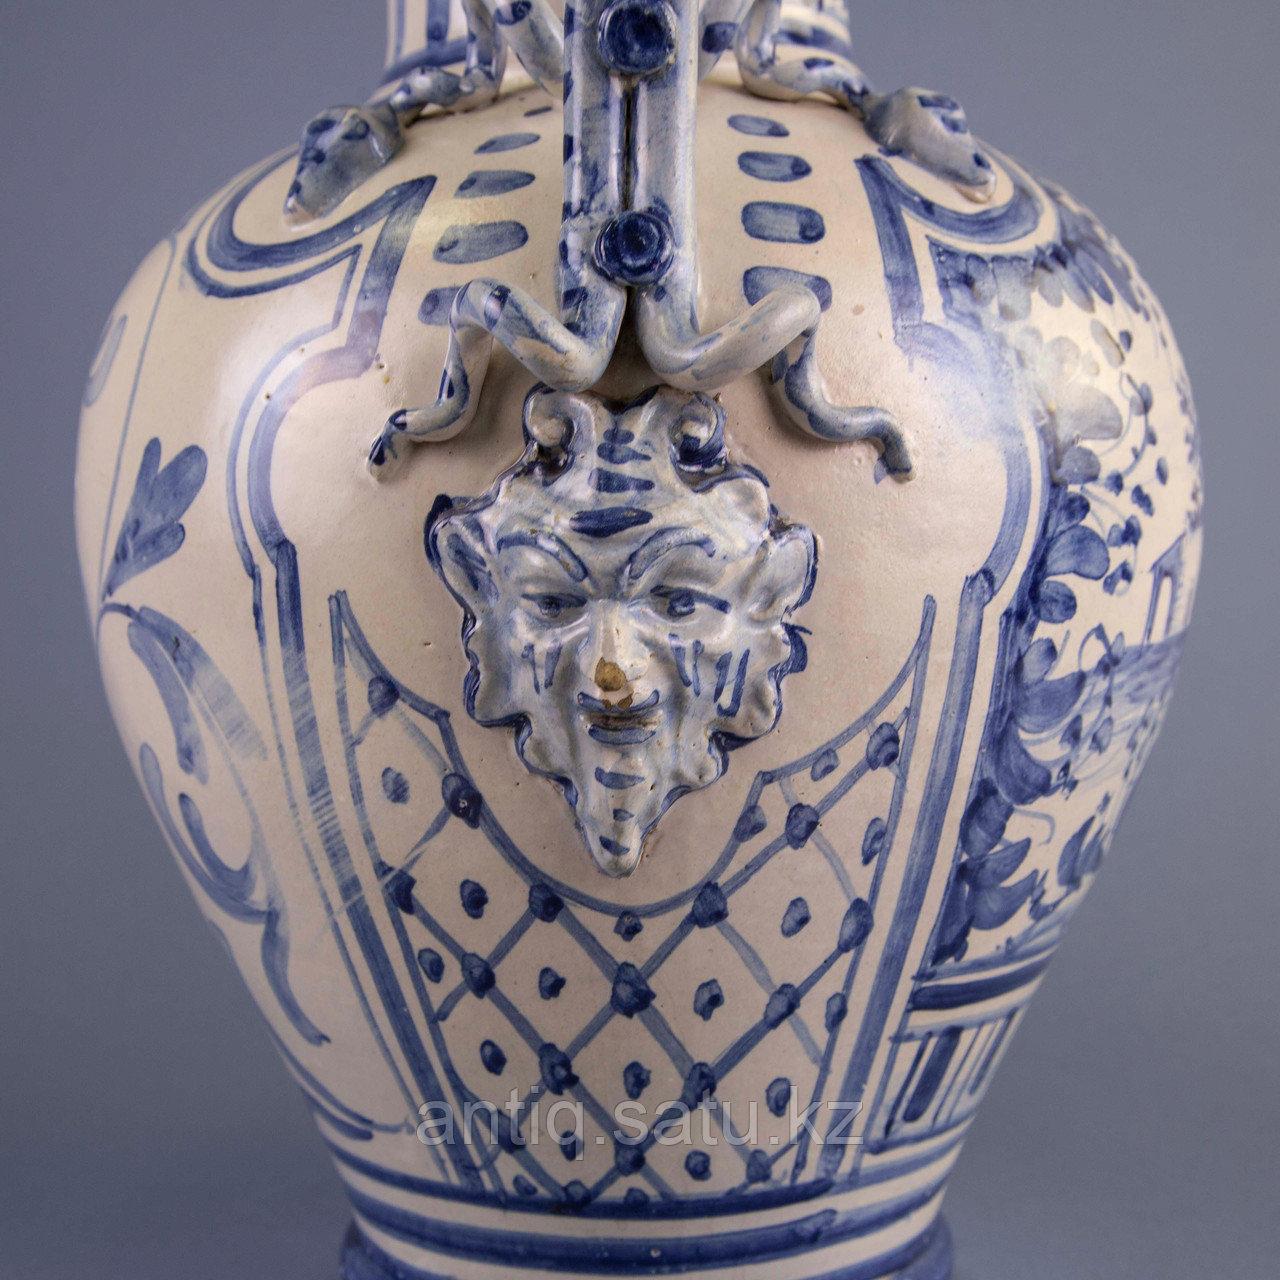 Парадная ваза. Королевская мануфактура в Дельфте - фото 5